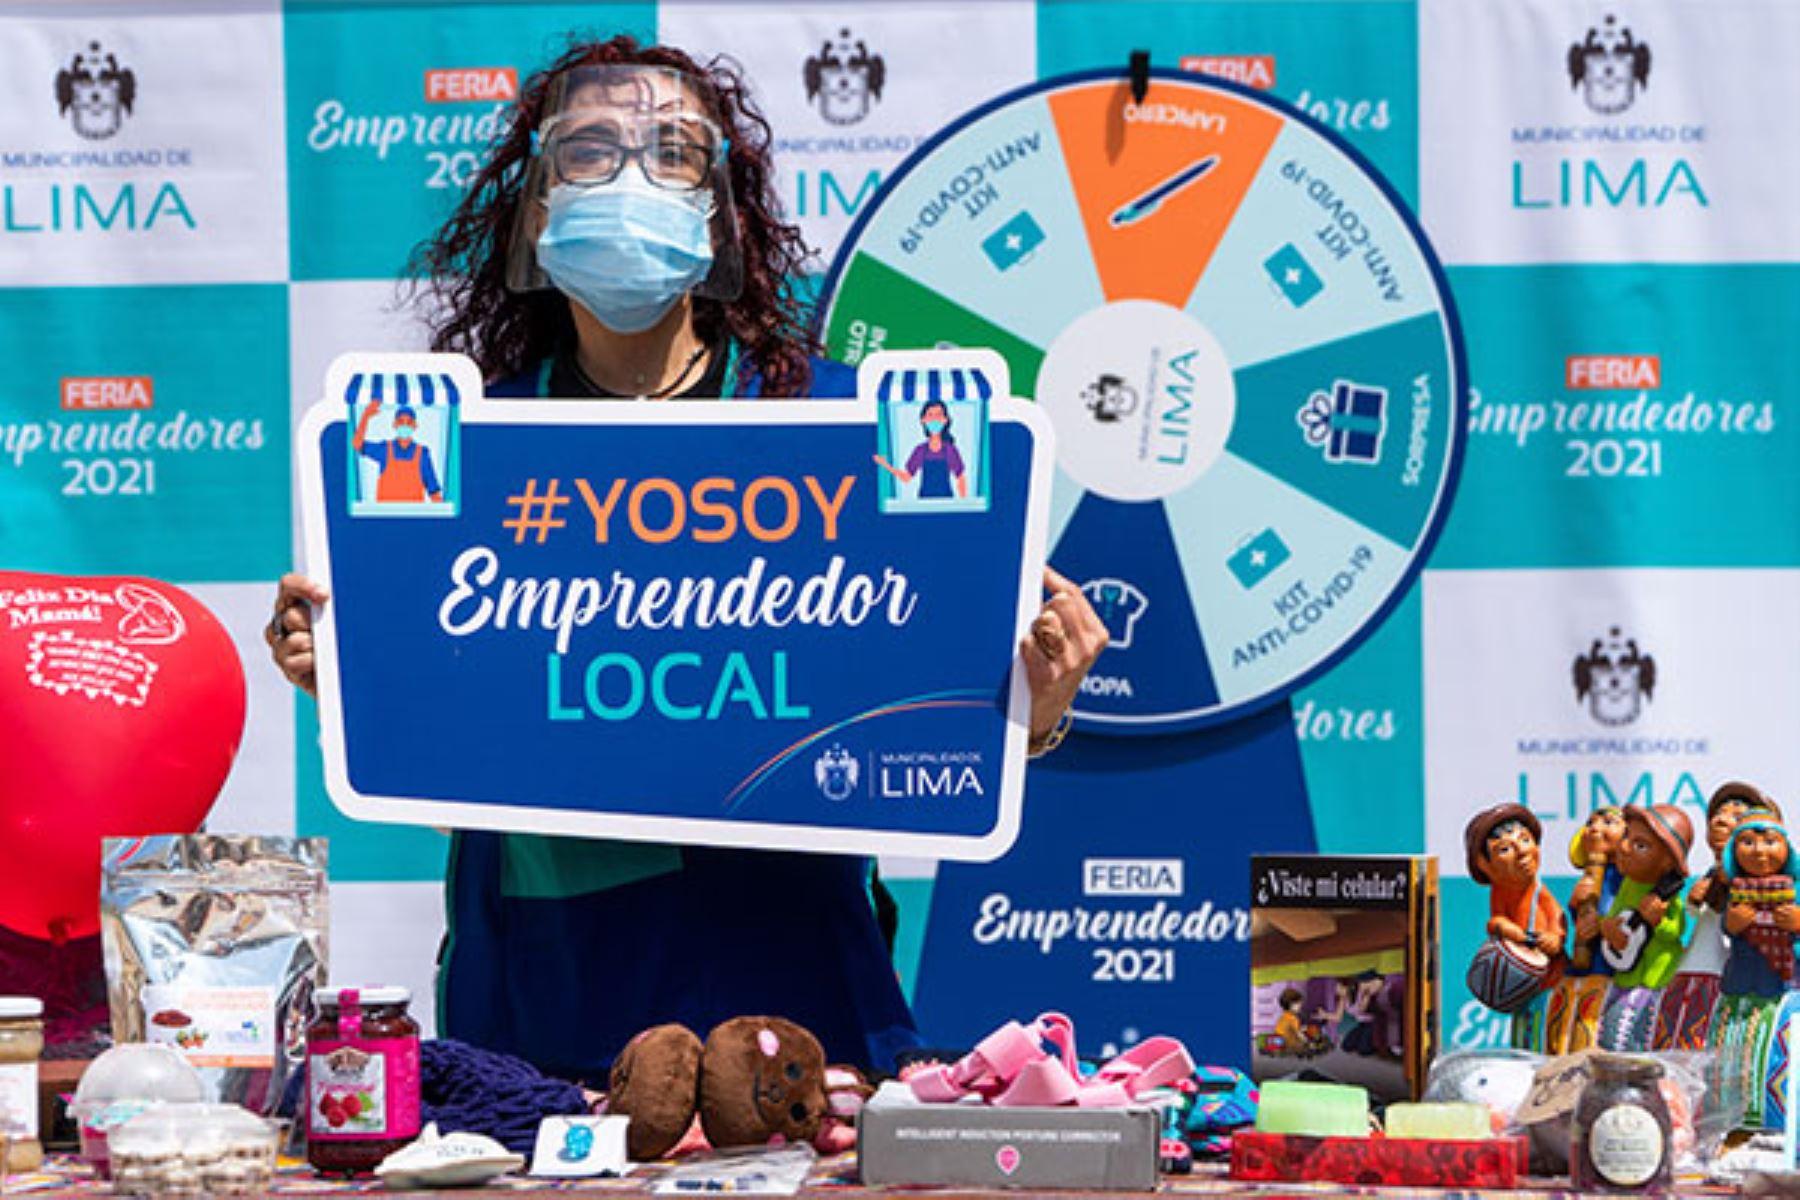 Cerca de 90 emprendedores ofrecerán alimentos envasados, artesanías, ropa de invierno, accesorios, zapatos, artículos para hacer deporte y más. Foto: ANDINA/MML.